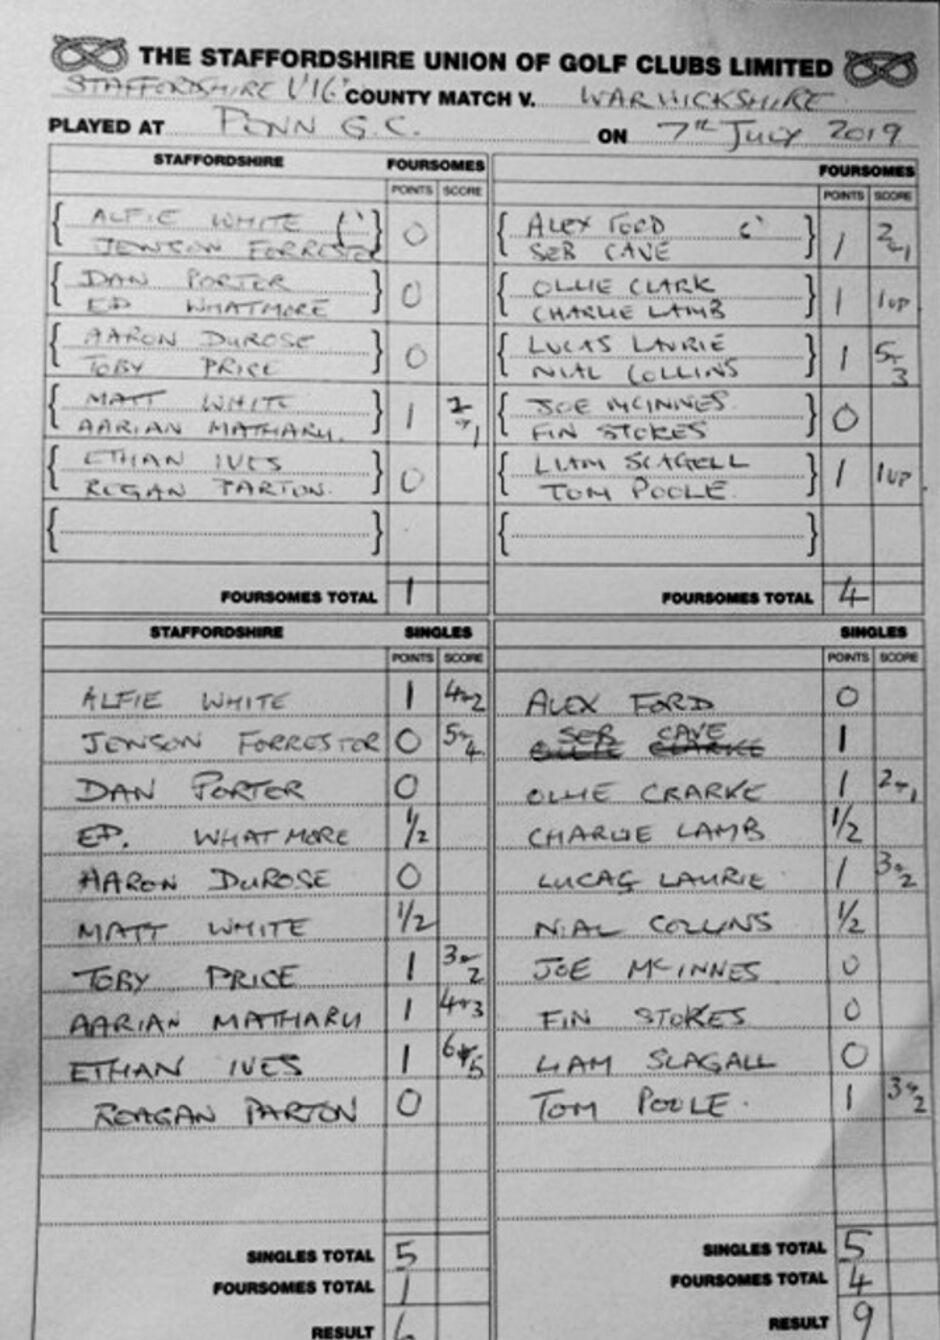 Under 16 v Warwickshire 2019 result